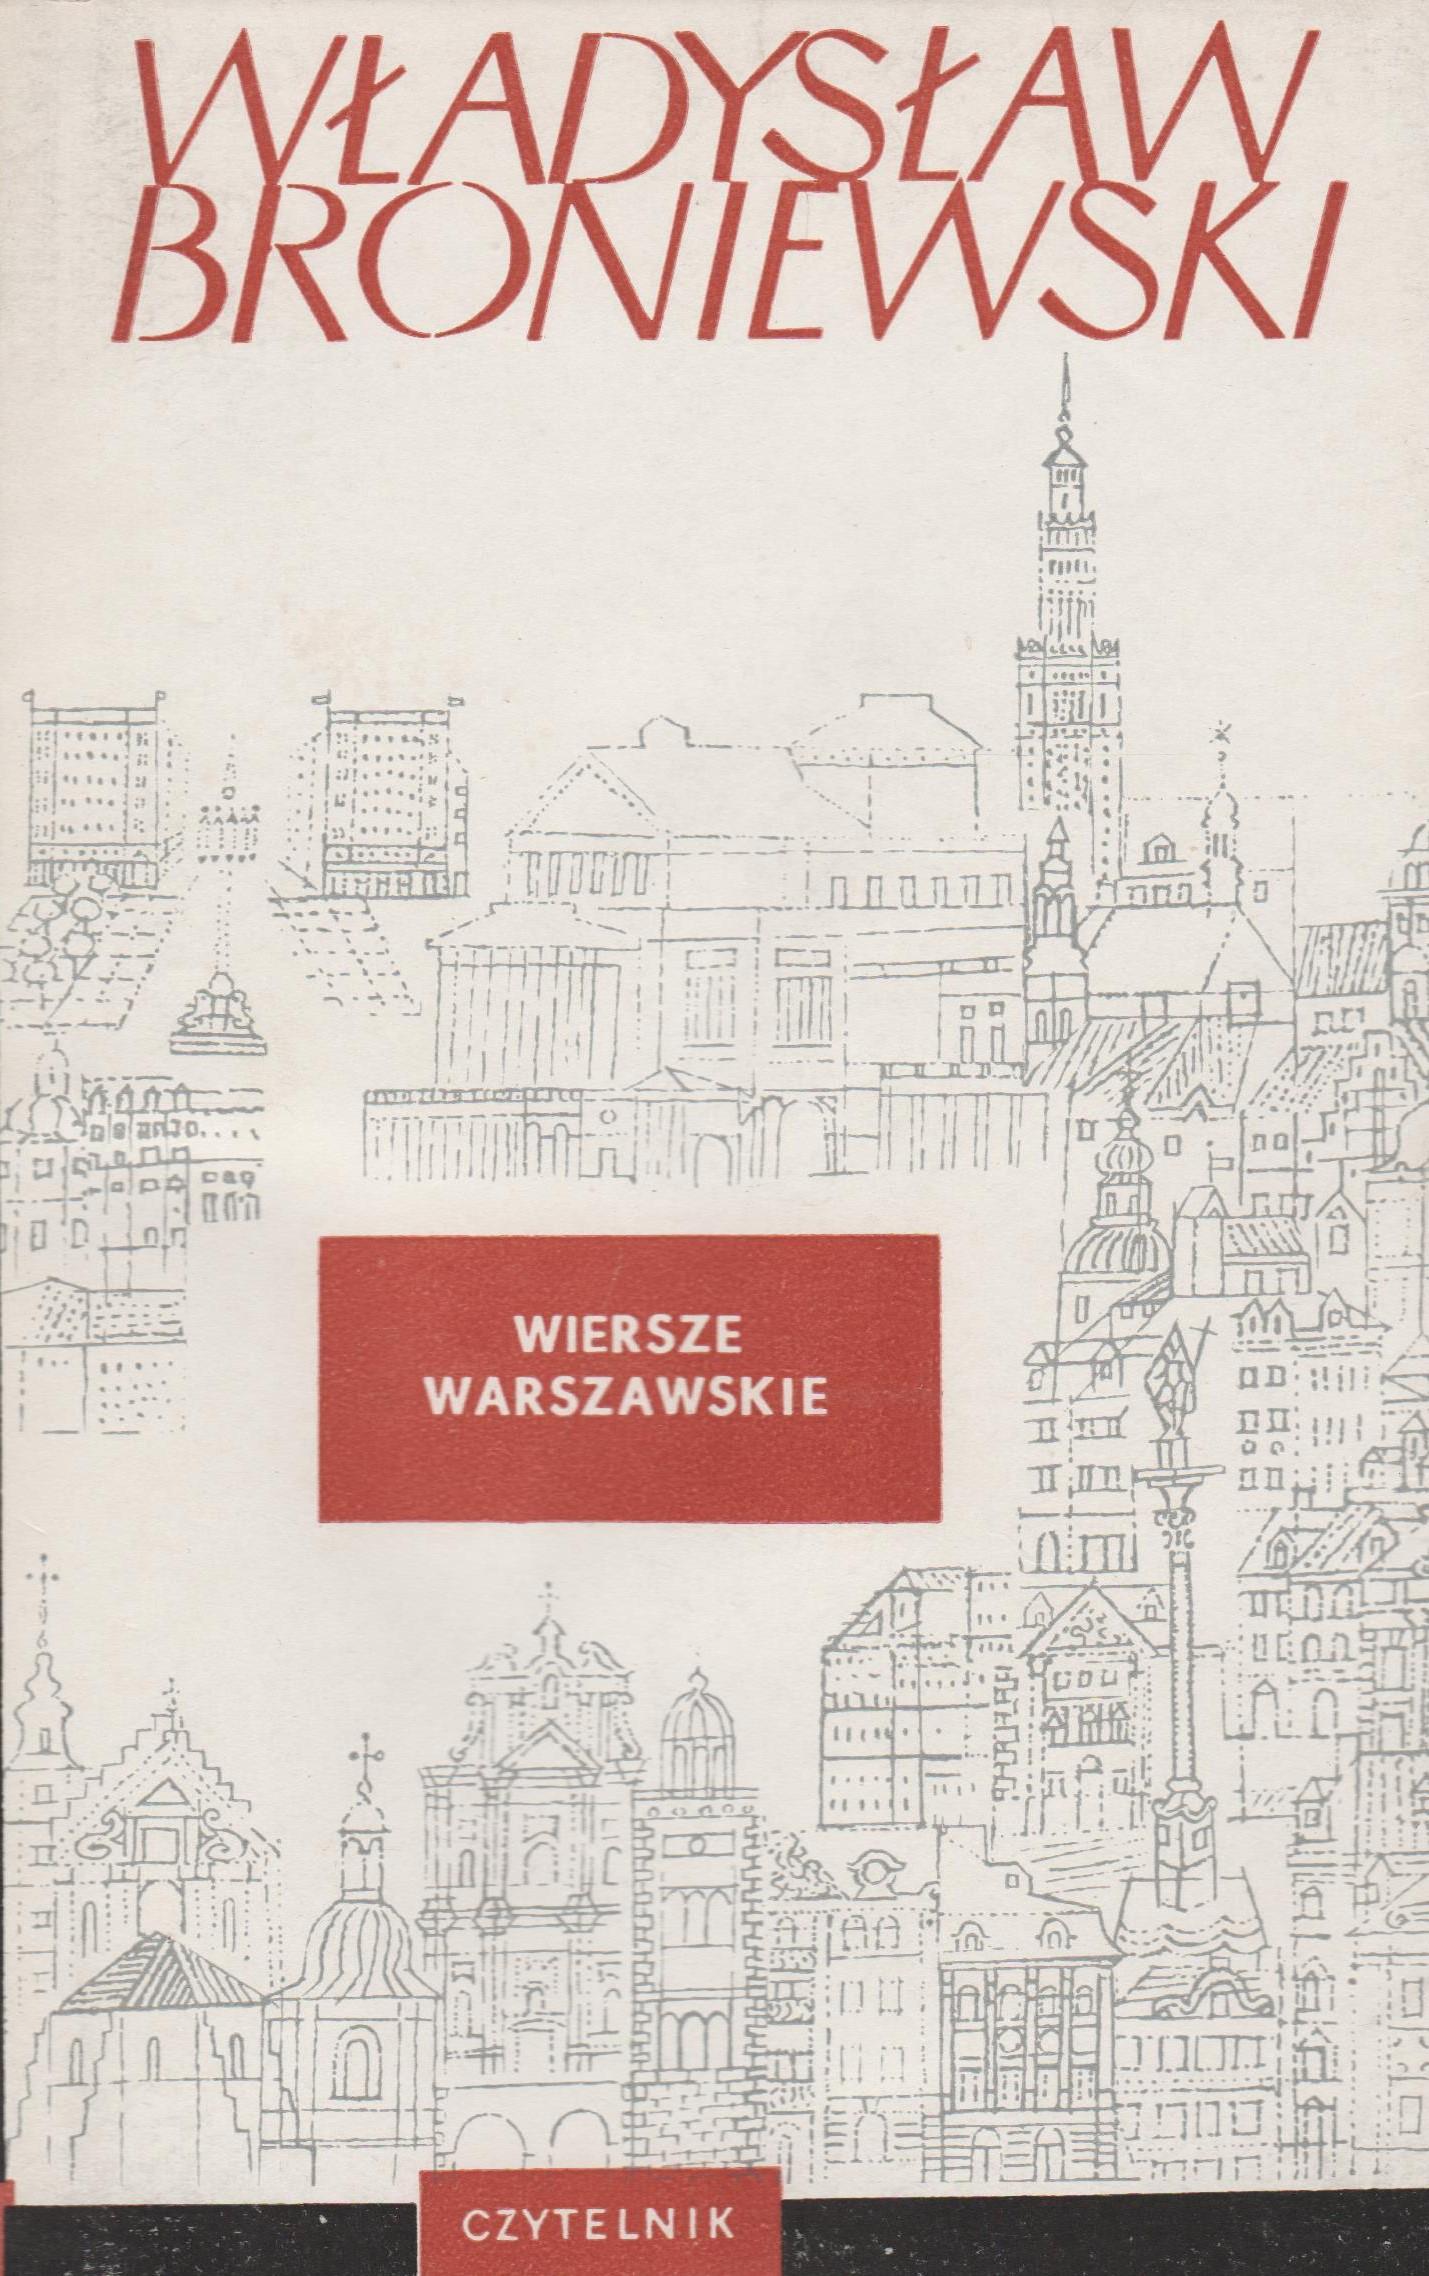 Wiersze Warszawskie Broniewski Il Siemaszkowa 7207318417